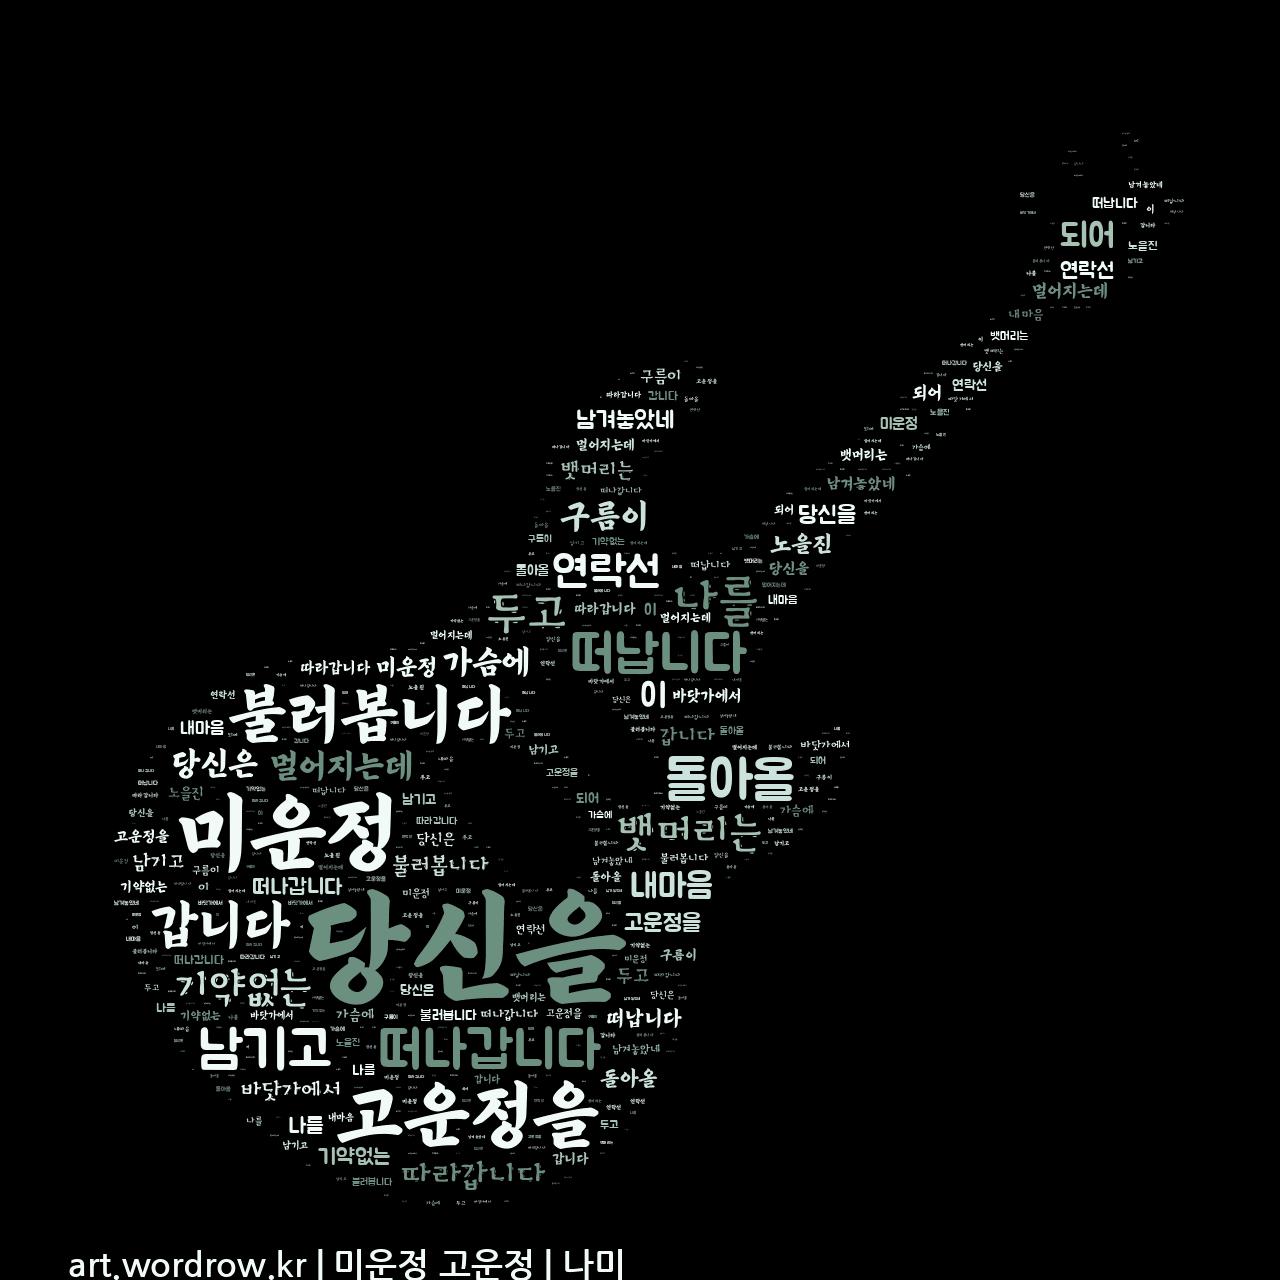 워드 클라우드: 미운정 고운정 [나미]-6